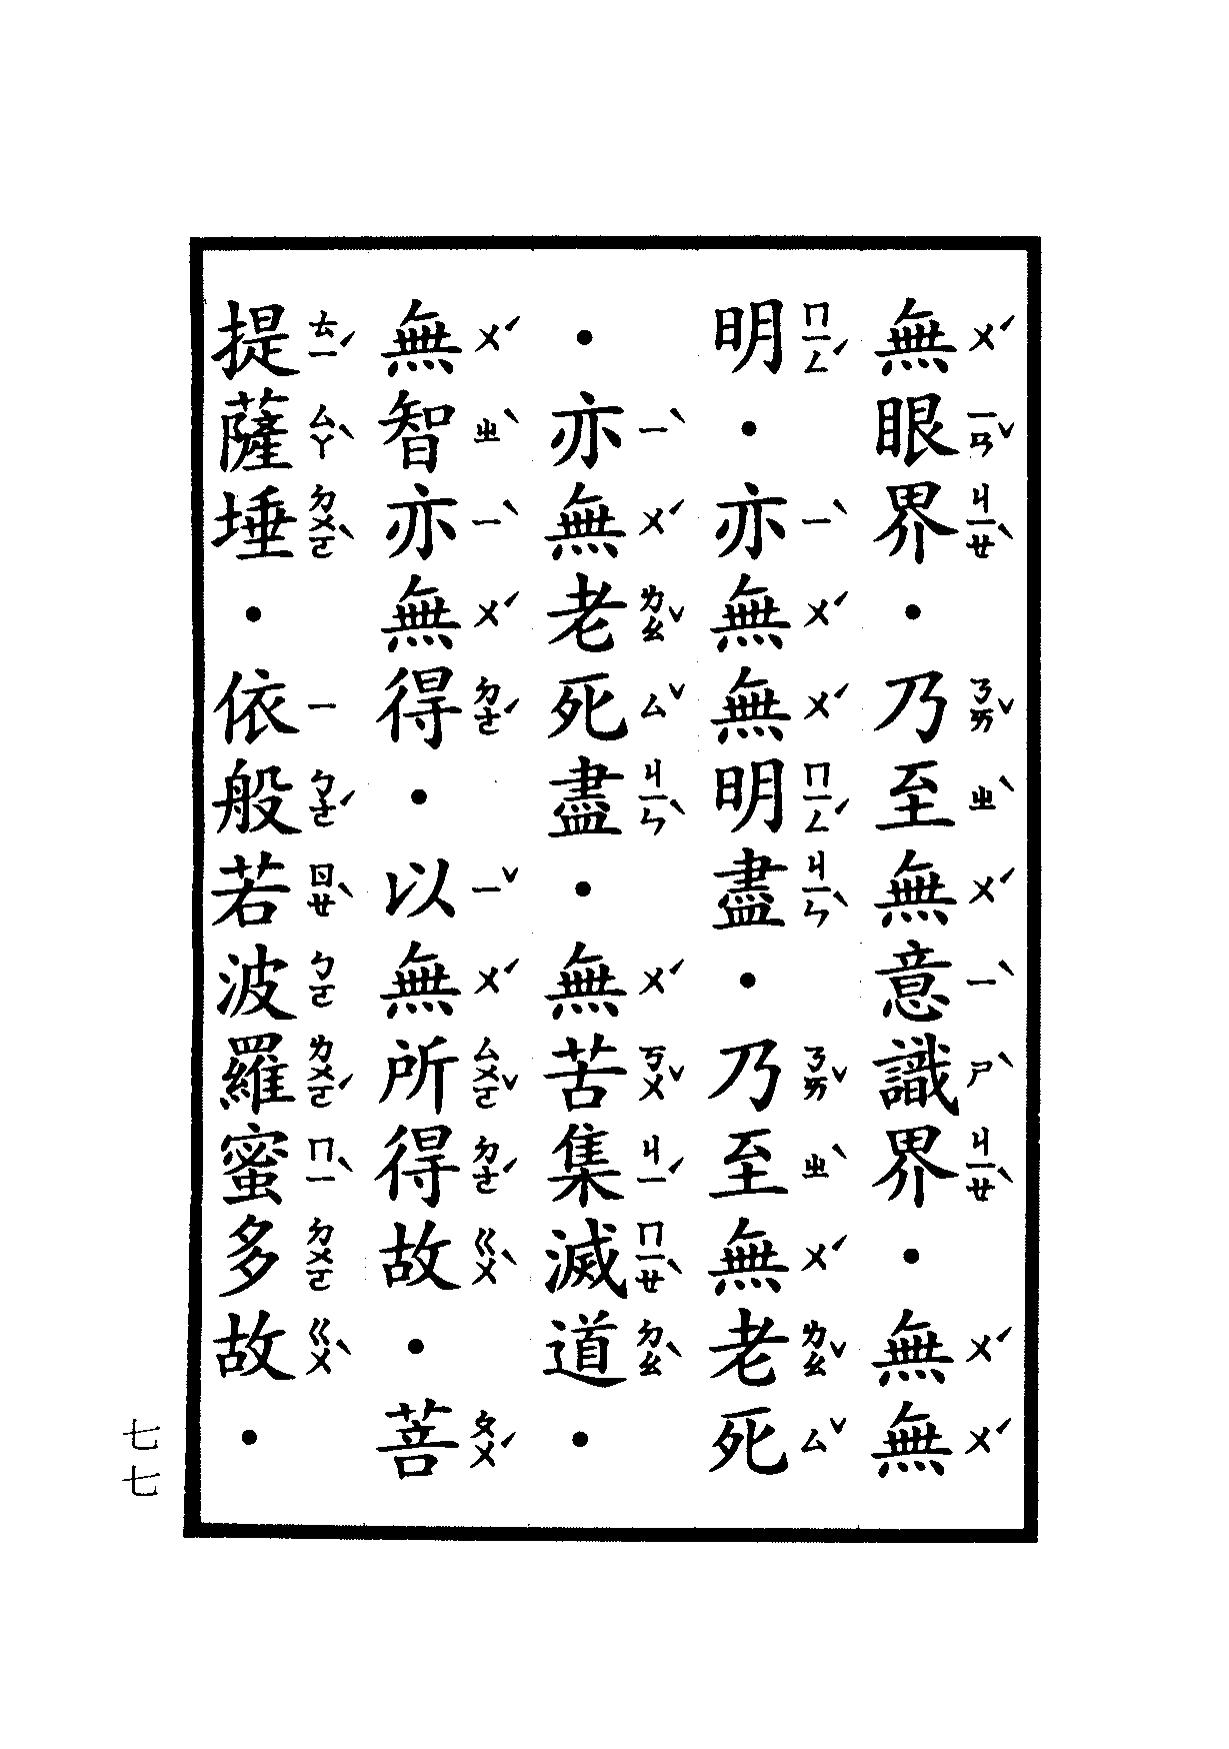 楞嚴咒-大悲咒-十小咒-易背本 83.png